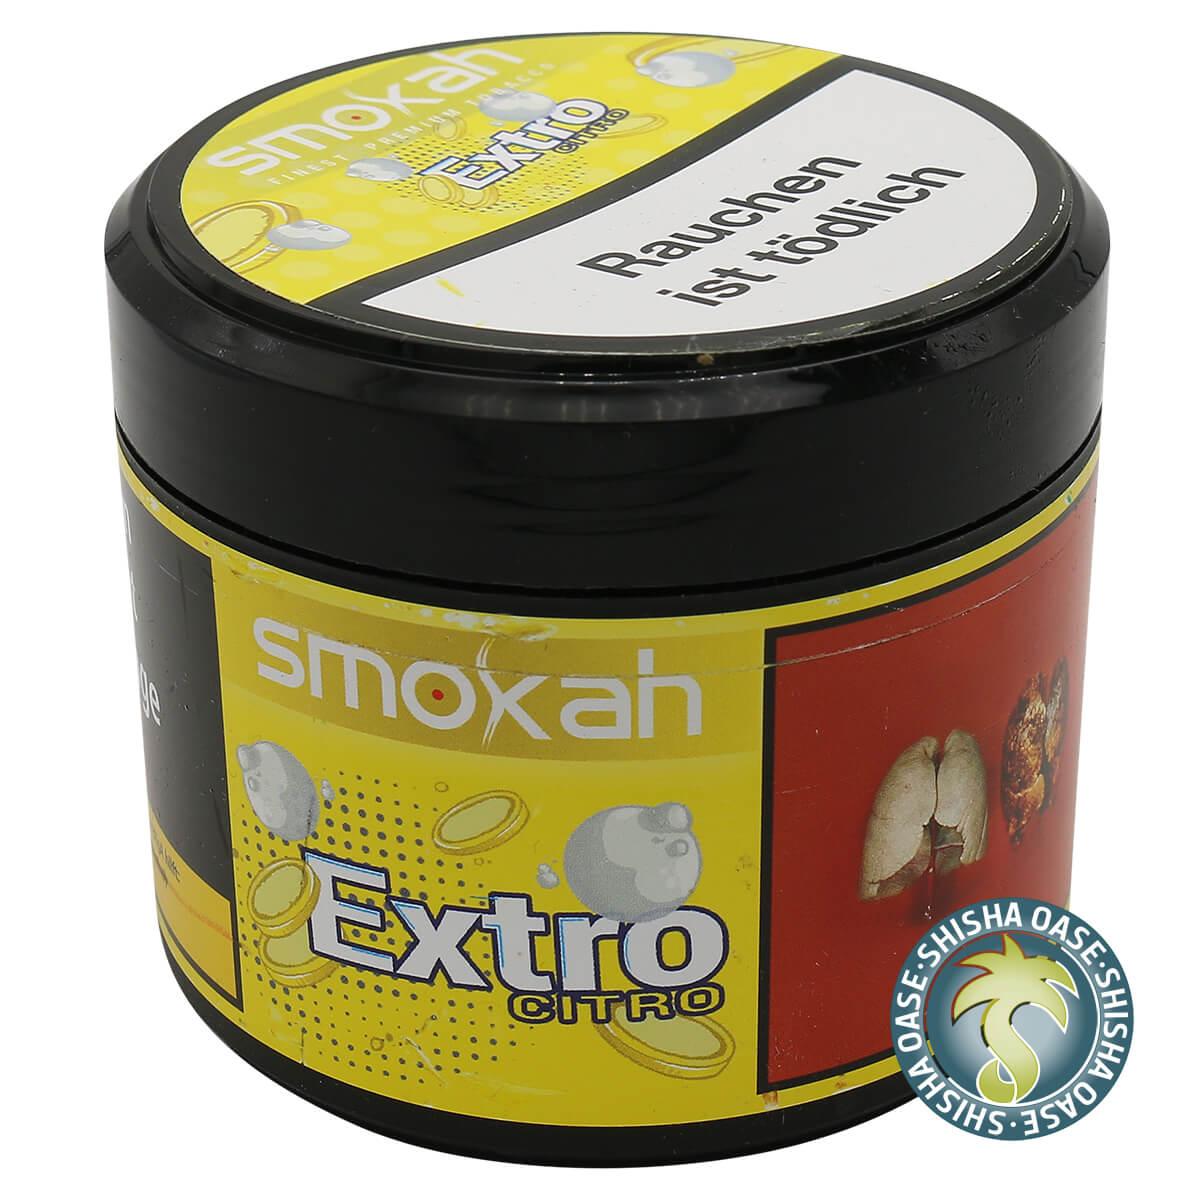 Smokah Tabak Extro Citro 200g